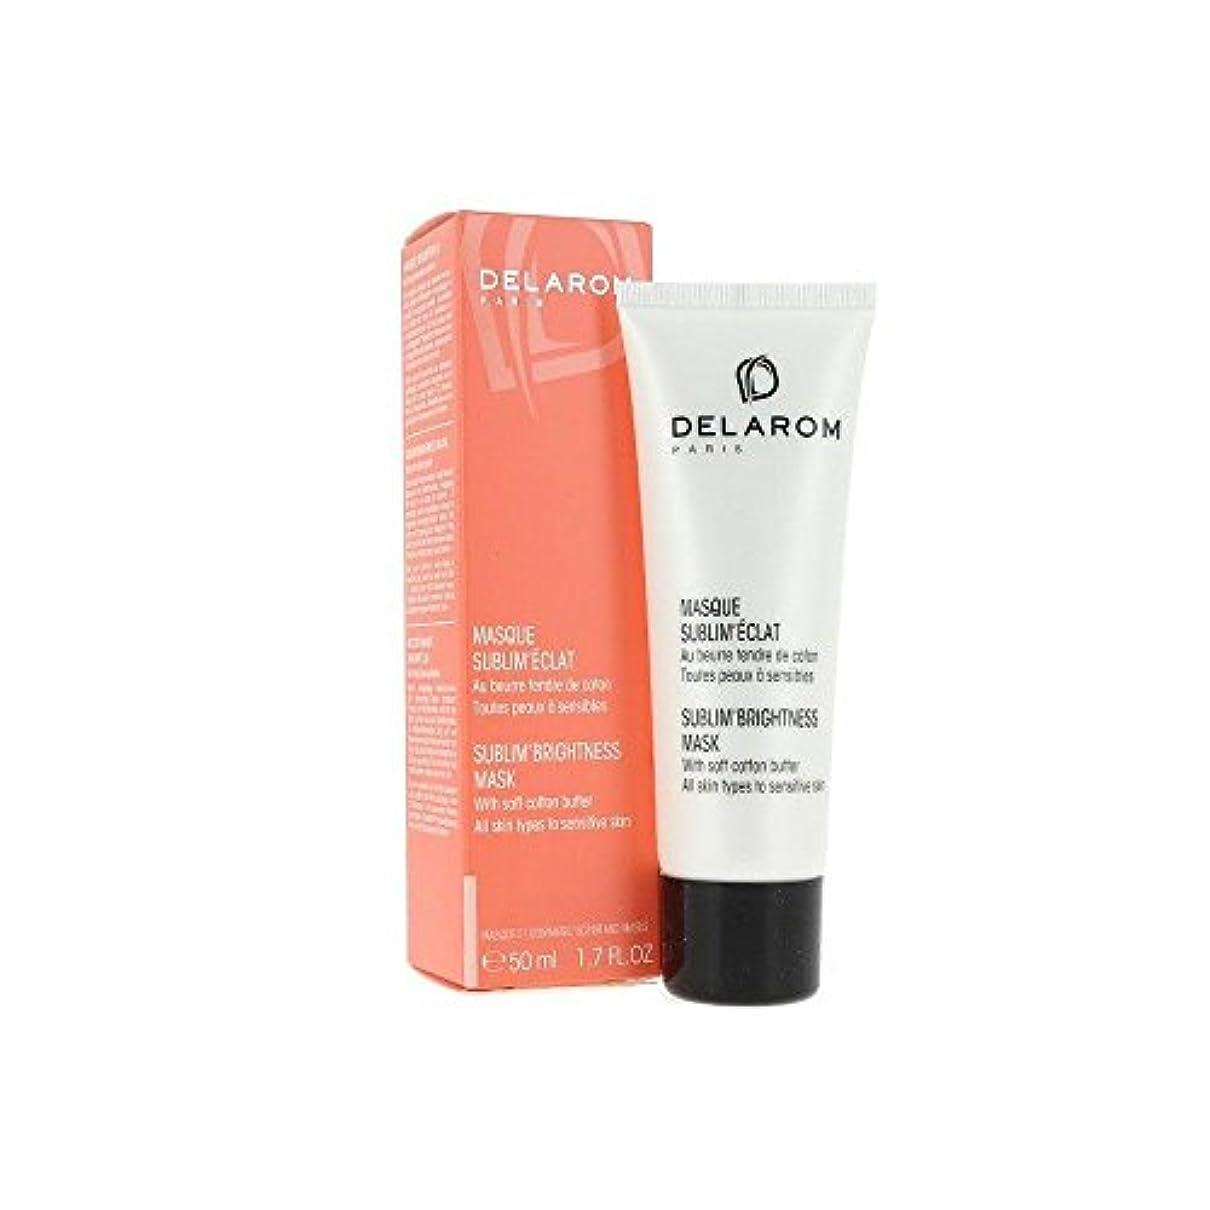 メガロポリス心理的に請求書DELAROM Sublim' Brightness Mask - For All Skin Types to Sensitive Skin 50ml/1.7oz並行輸入品